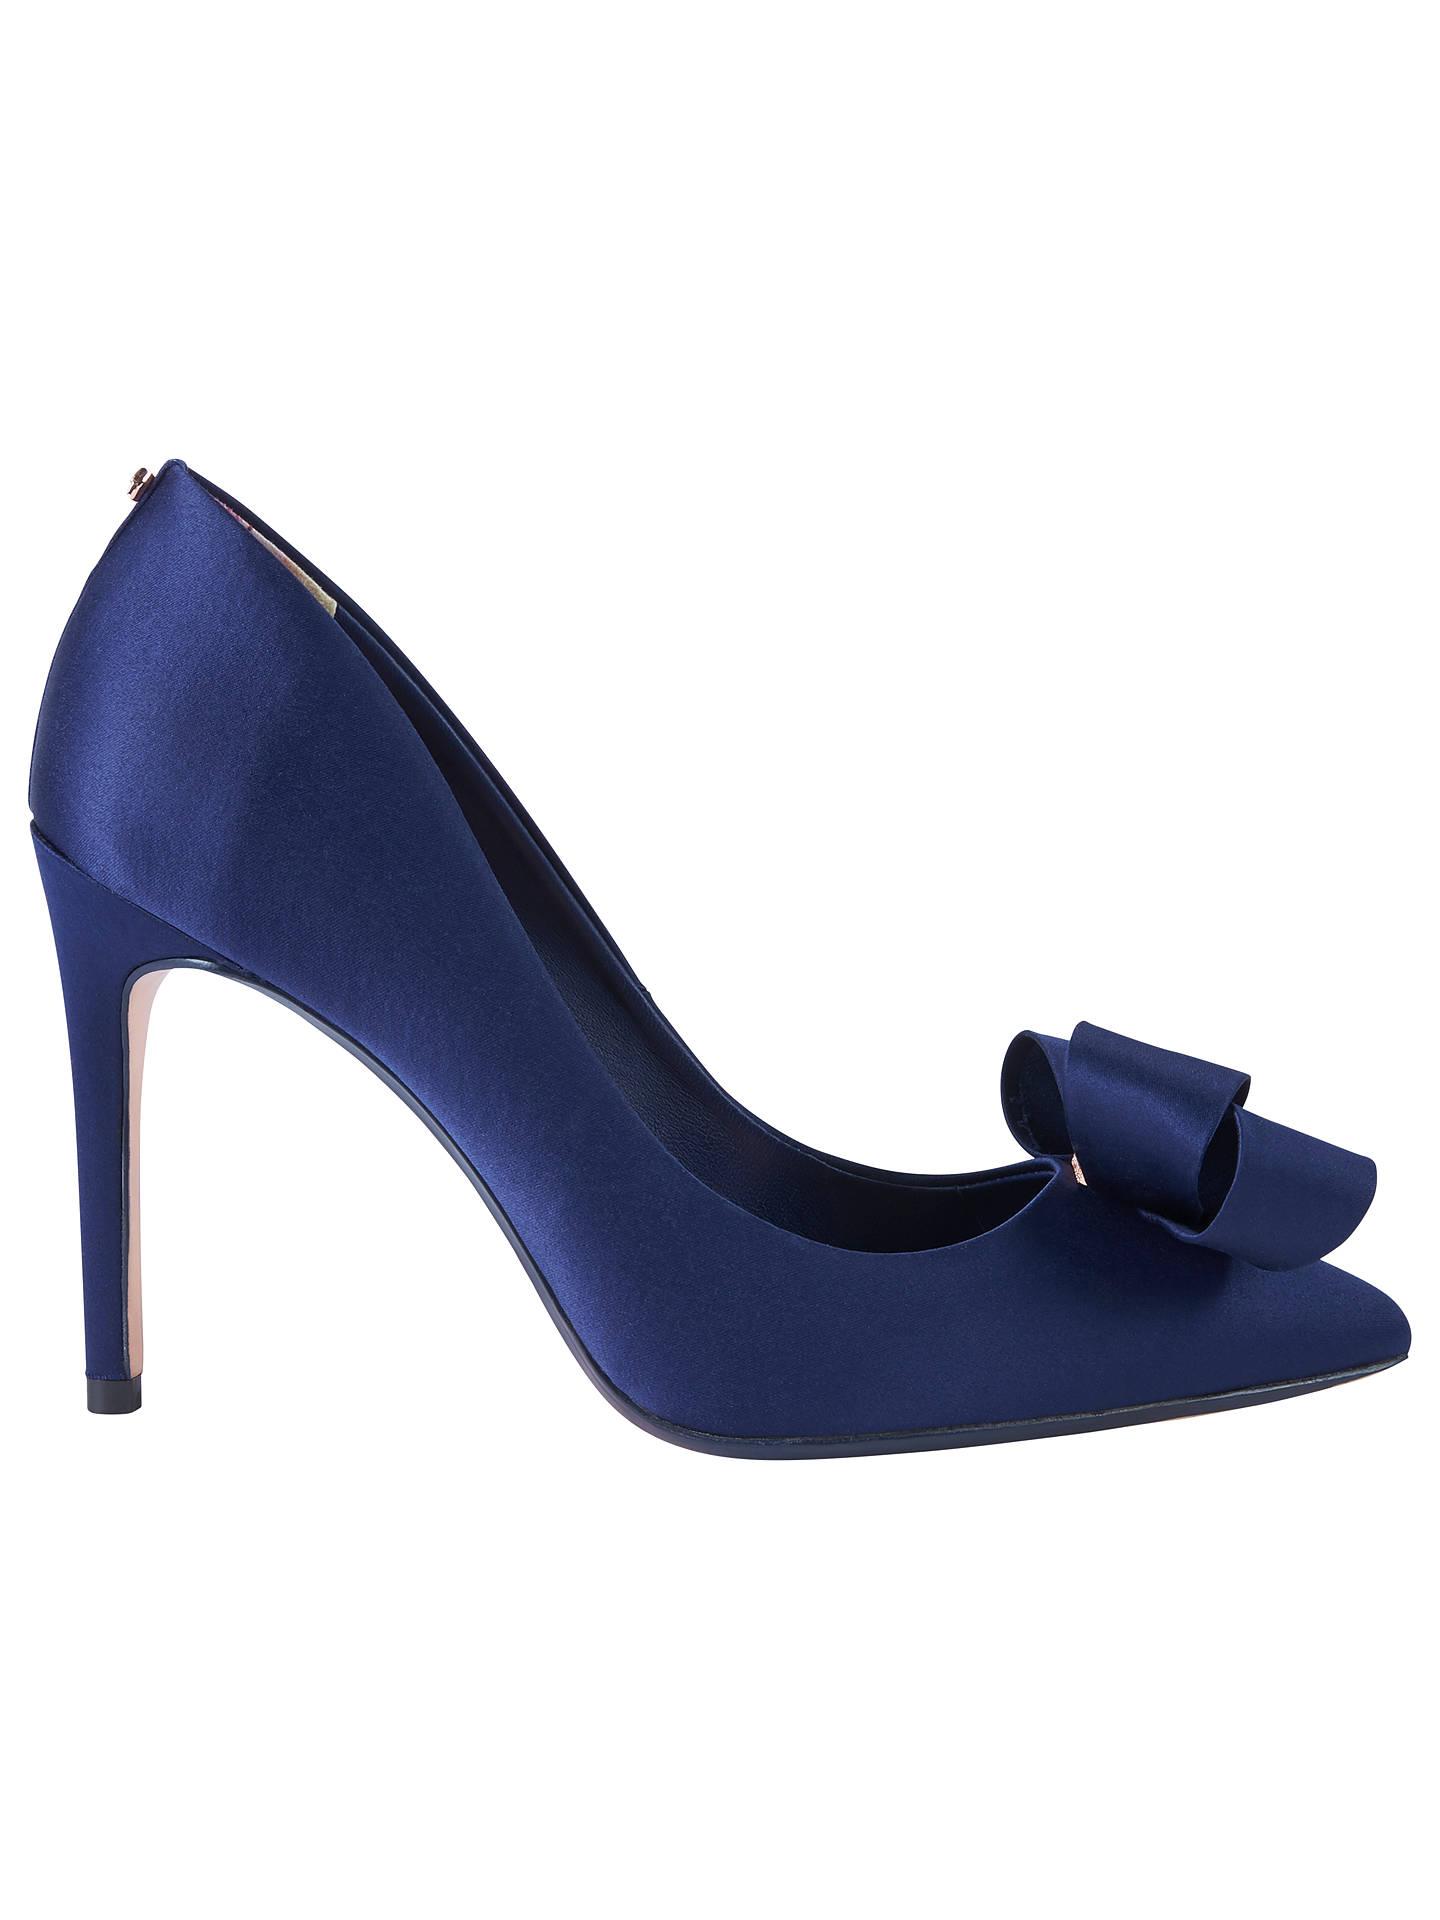 f25c5a66c Buy Ted Baker Skalett Stiletto Heel Bow Court Shoes